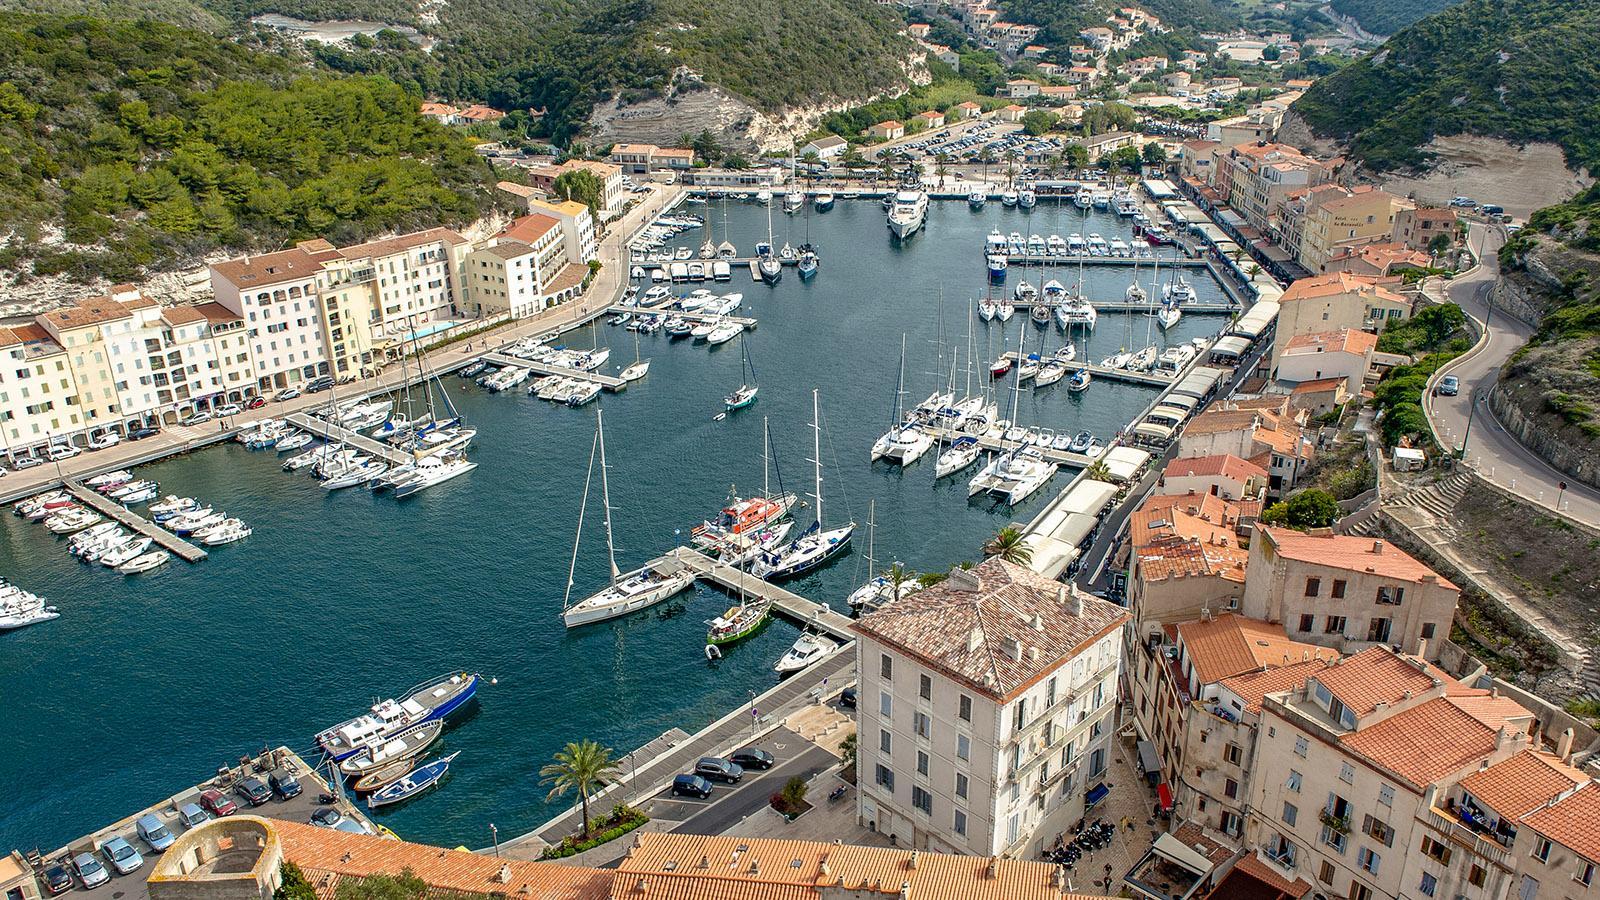 Blick auf den Hafen von Bonifacio von der Zitadelle. Foto: Hilke Maunder